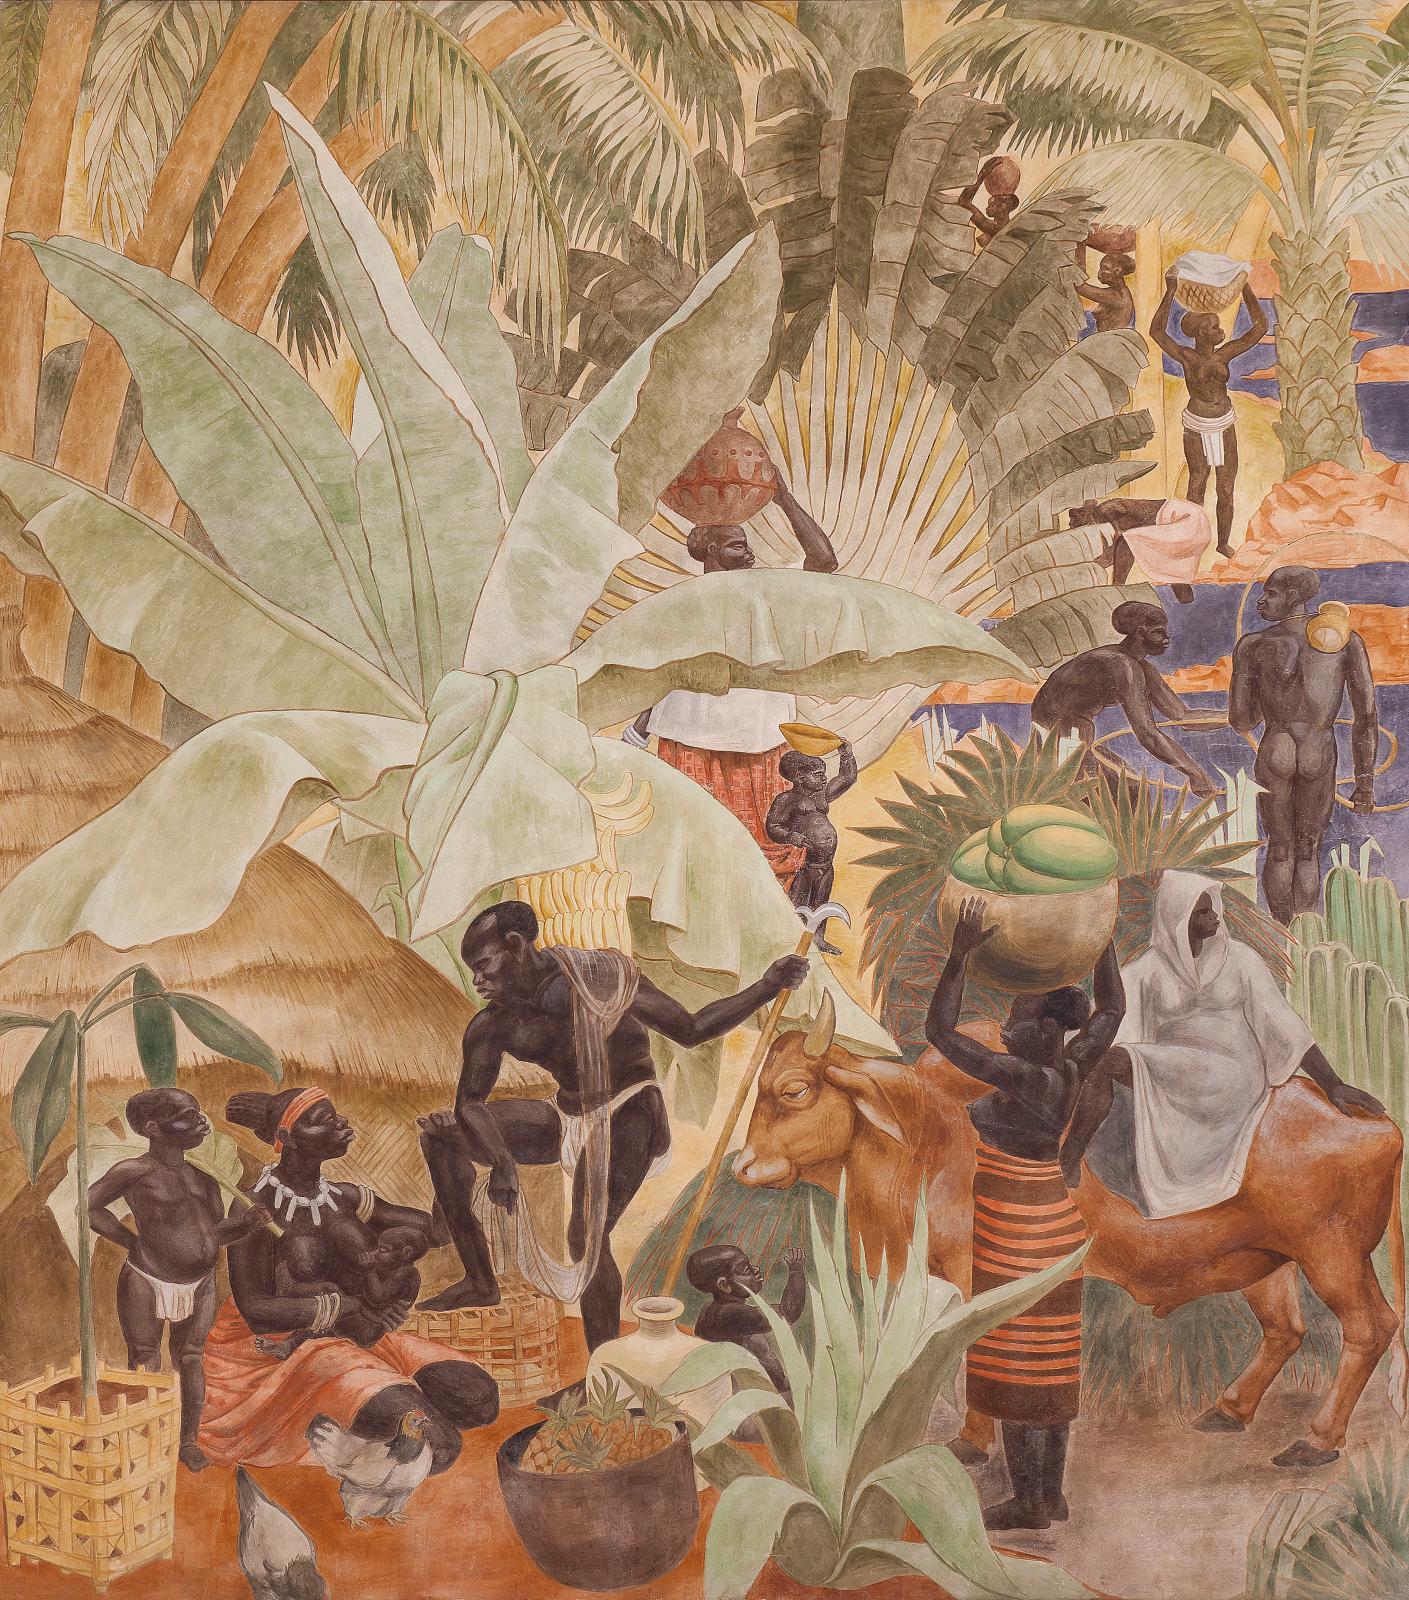 Fresques du Forum, par Pierre-Henri Ducos de la Haille (1889-1972) et ses élèves des Beaux-Arts (détail). ©Palais de la Porte Dorée